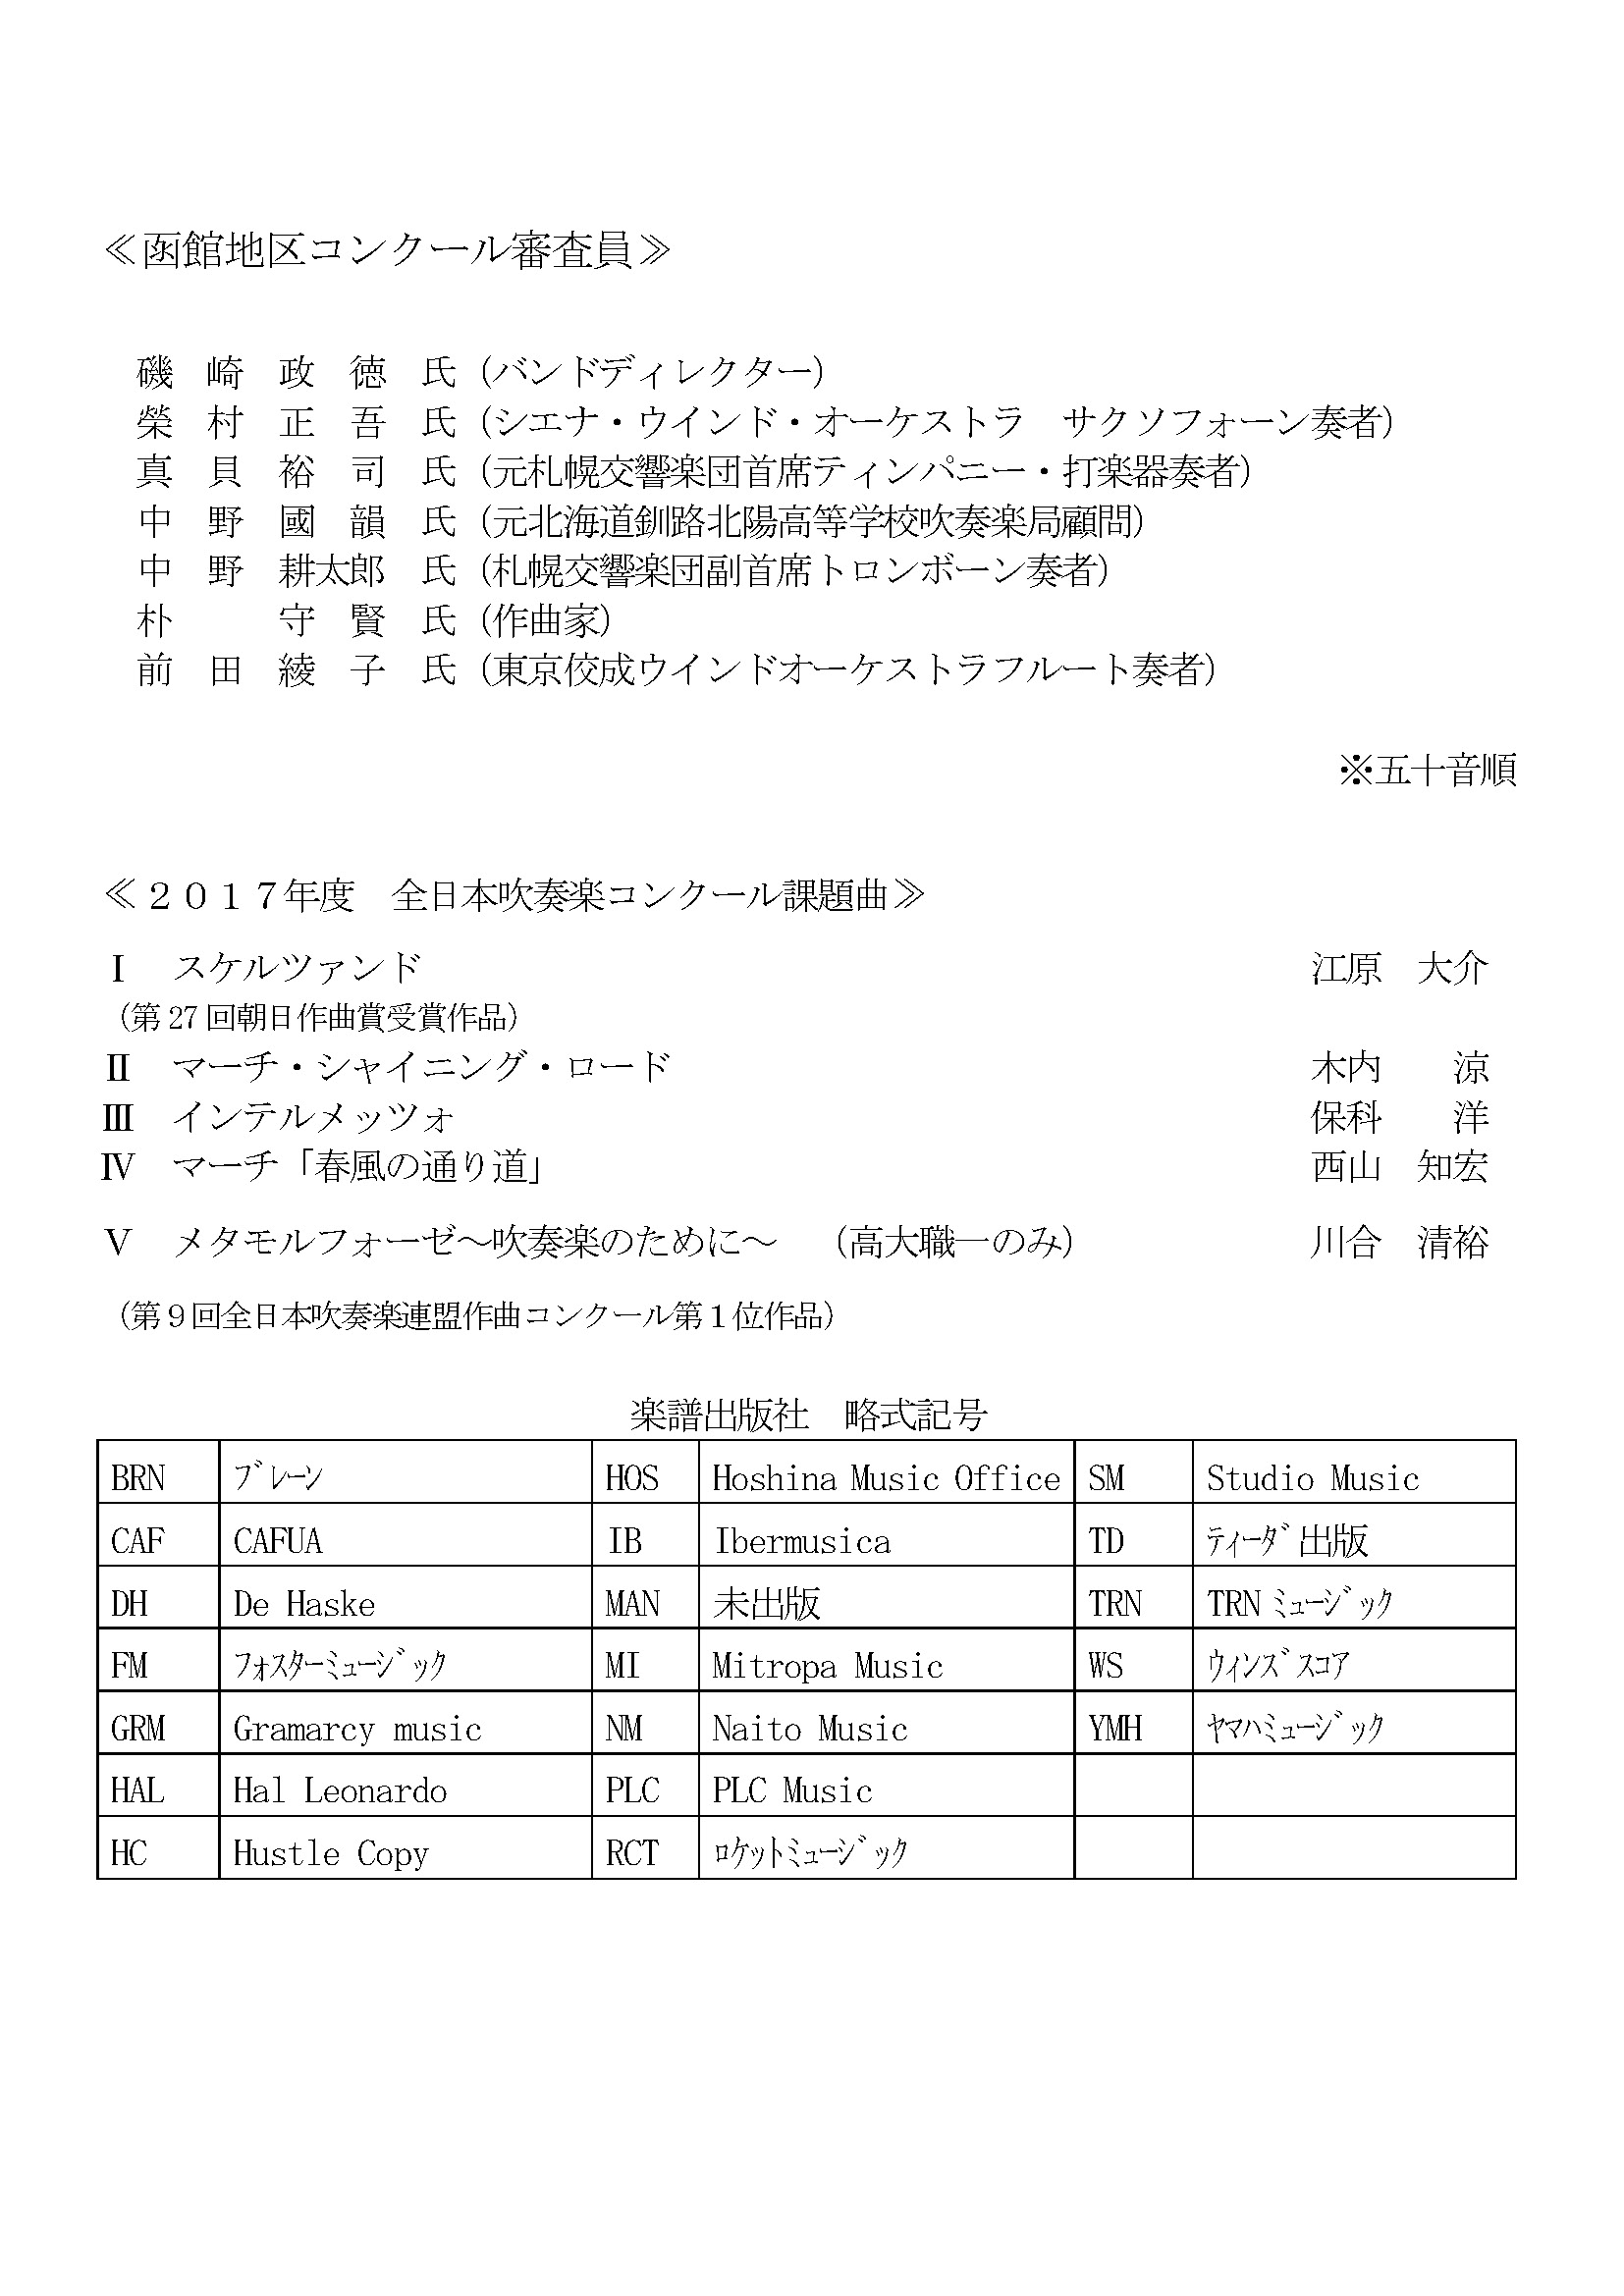 函館地区コンクール仮プログラム_ページ_2